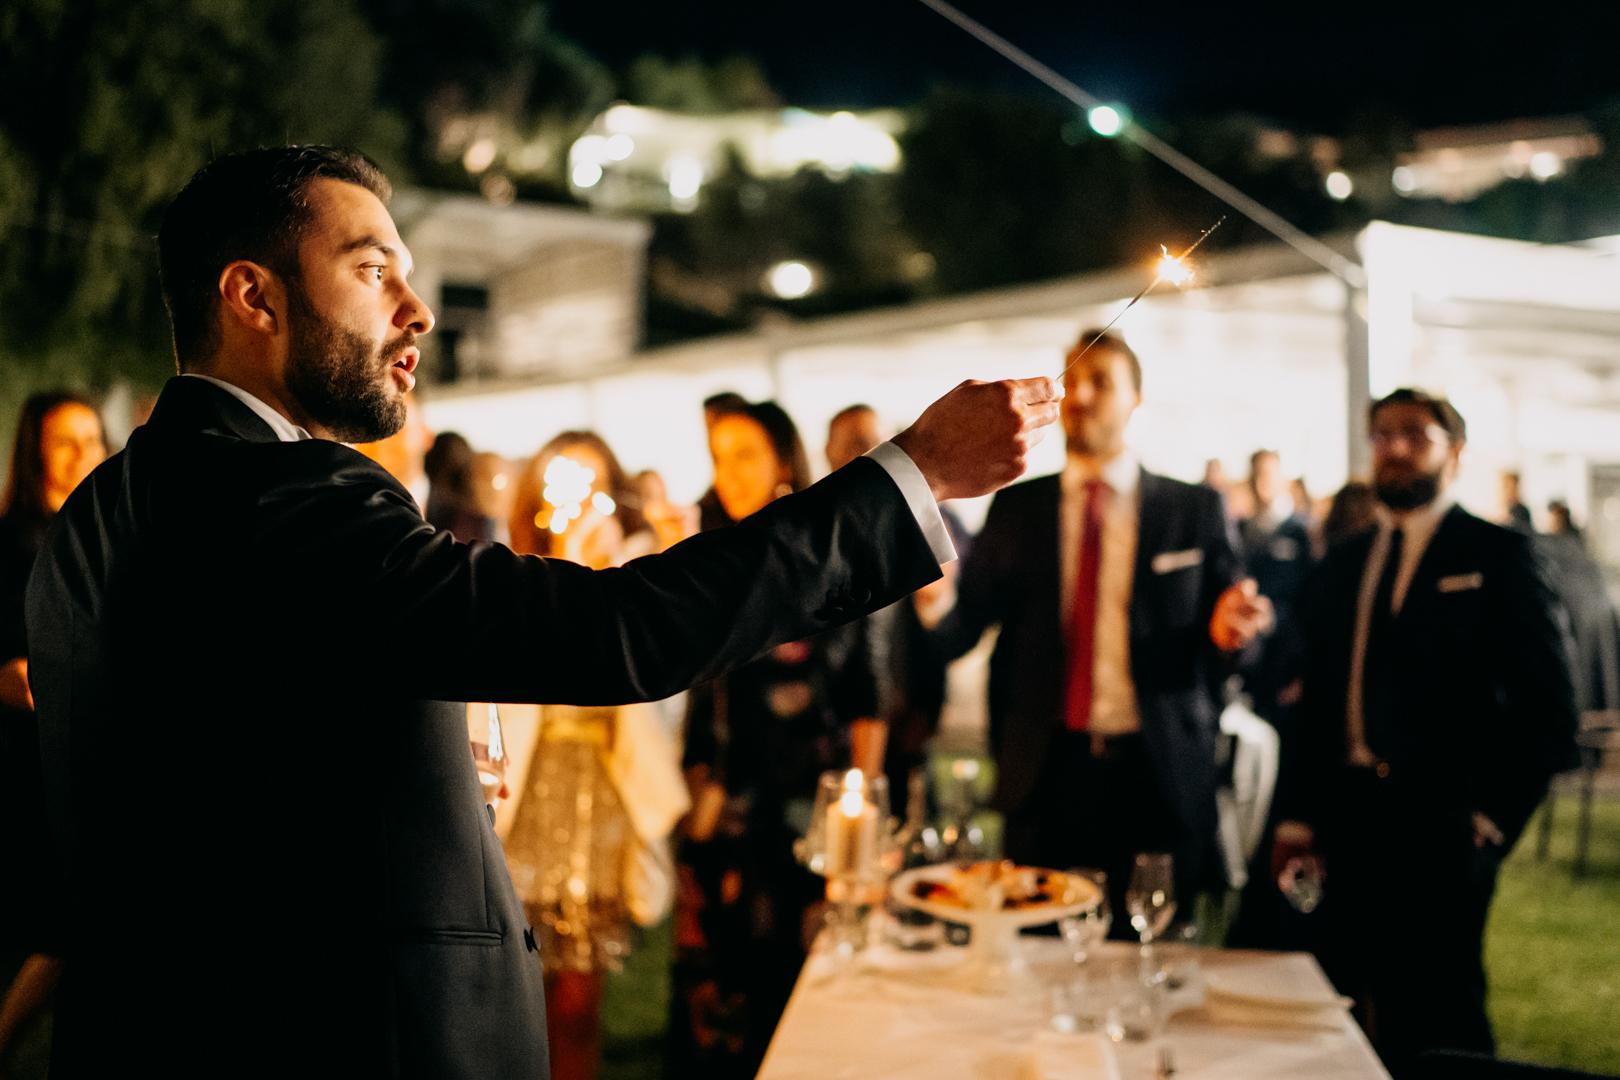 63 dopo-festa-matrimonio-serale-amici-sposi-residence-il-porto-mare-gianni-lepore